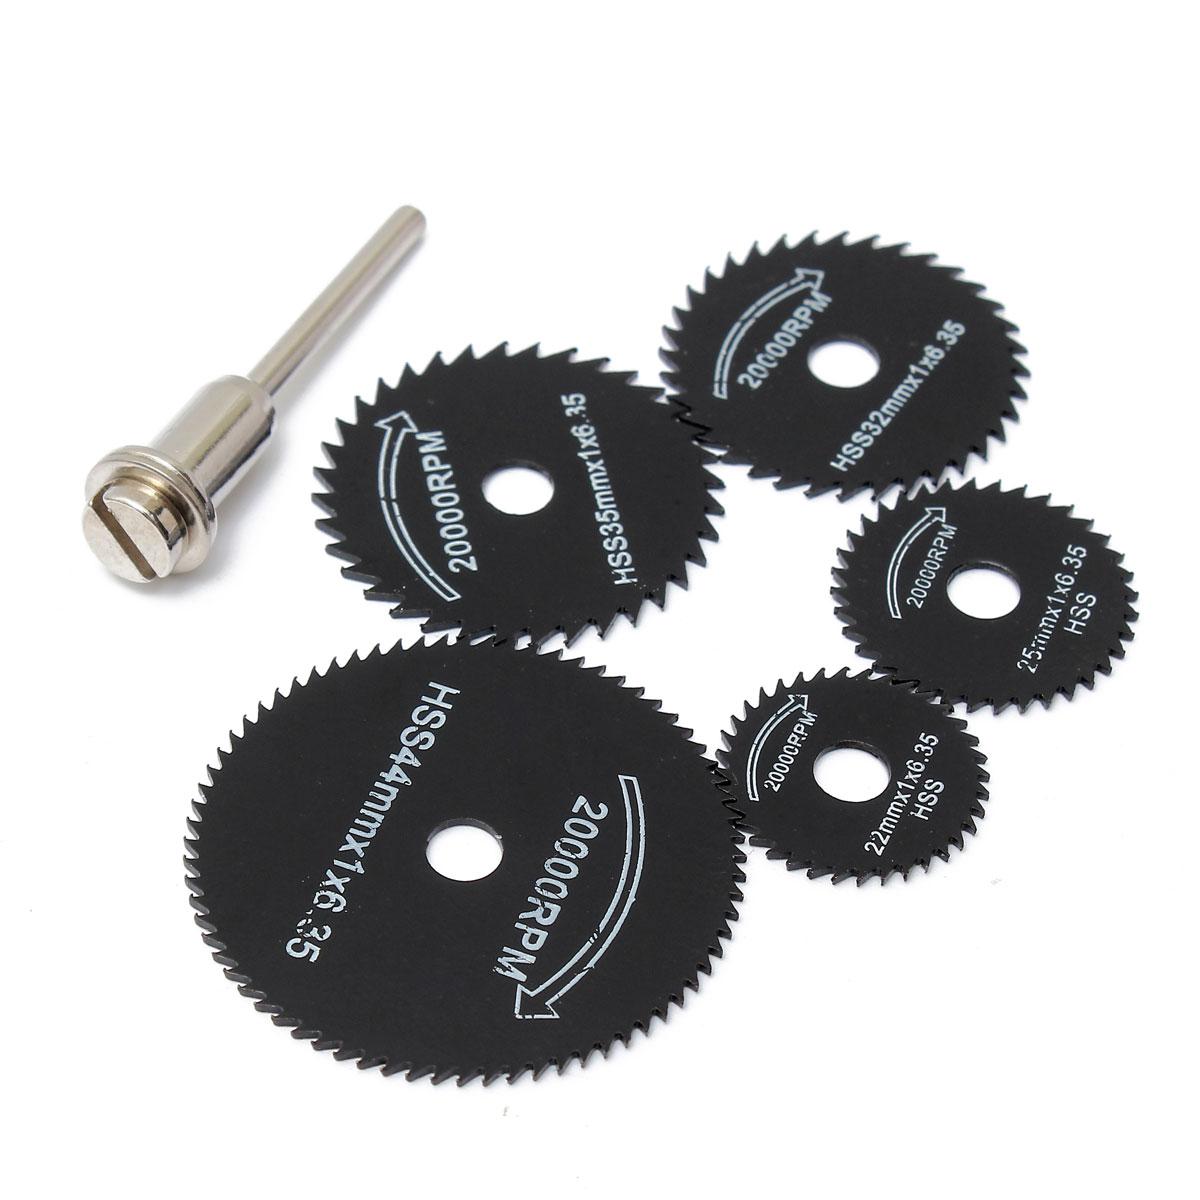 6 unids / set Metal HSS Hoja de sierra circular Discos de corte de - Hojas de sierra - foto 6